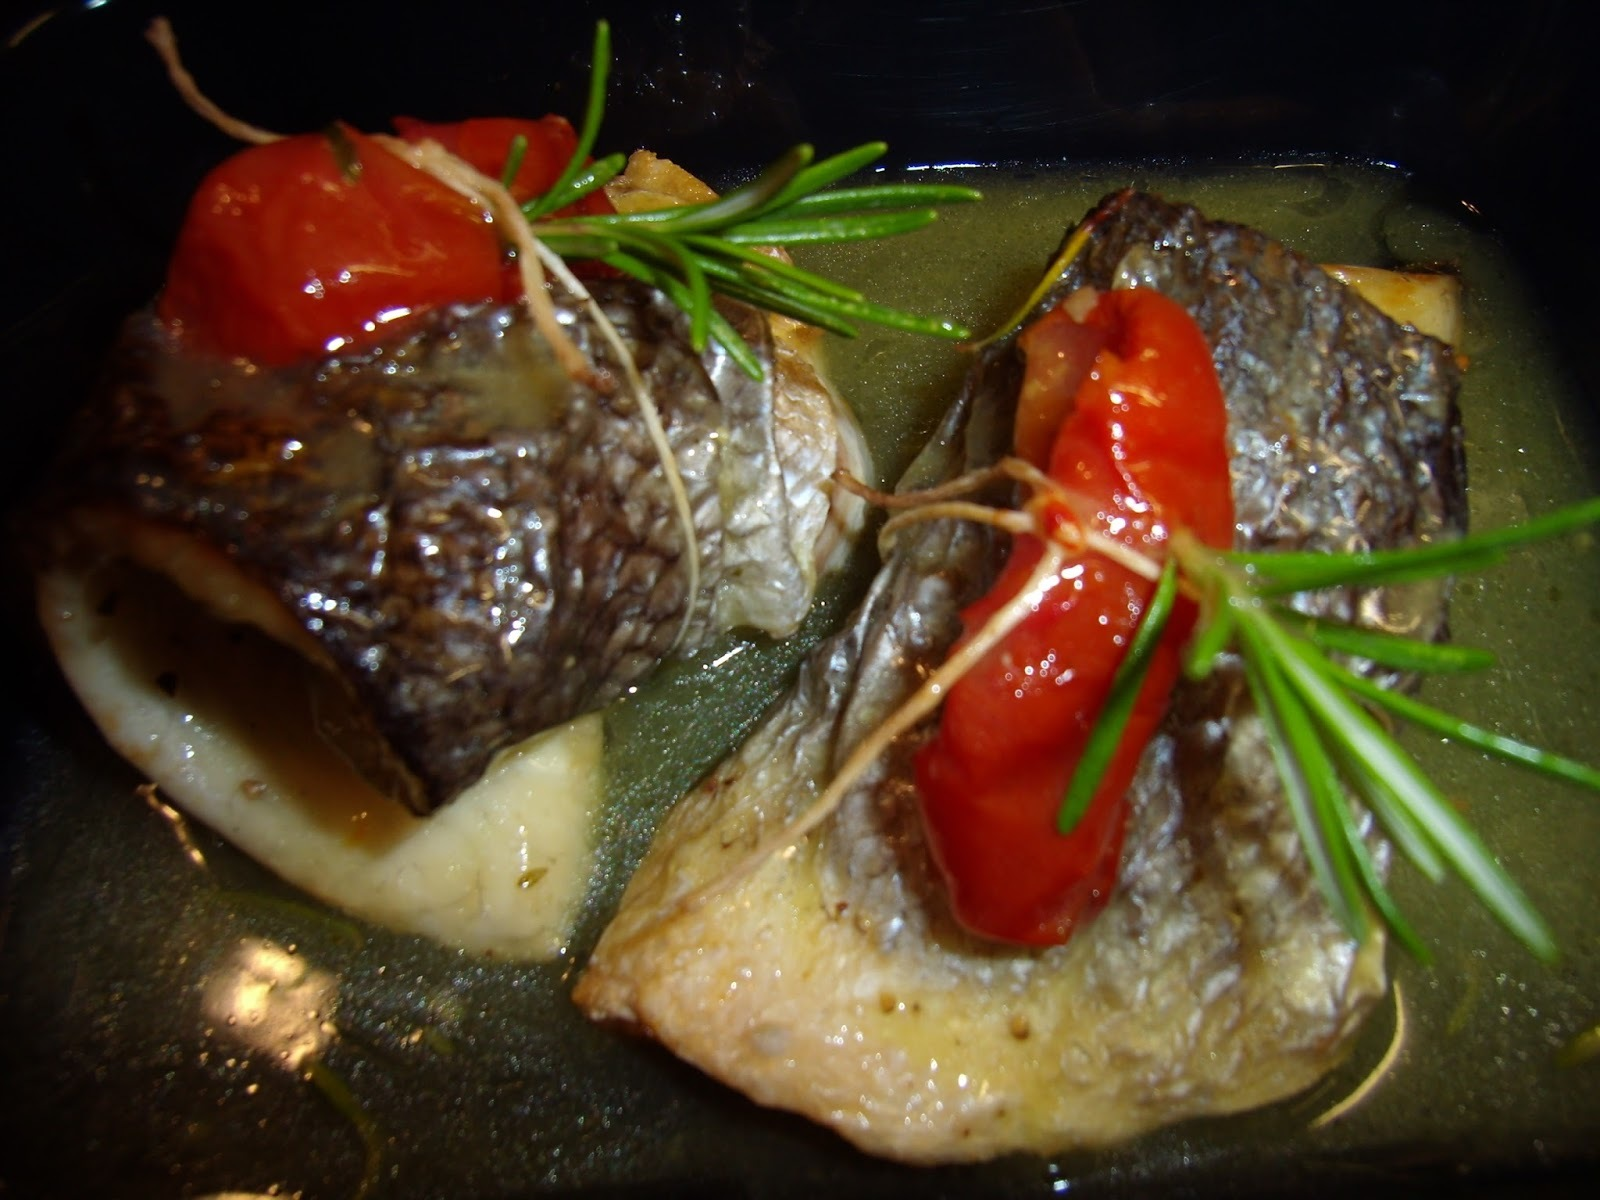 Φιλέτα τσιπούρα ρολό : εύκολη, γρήγορη και γευστική συνταγή με μιά νότα πολυτέλειας!!!